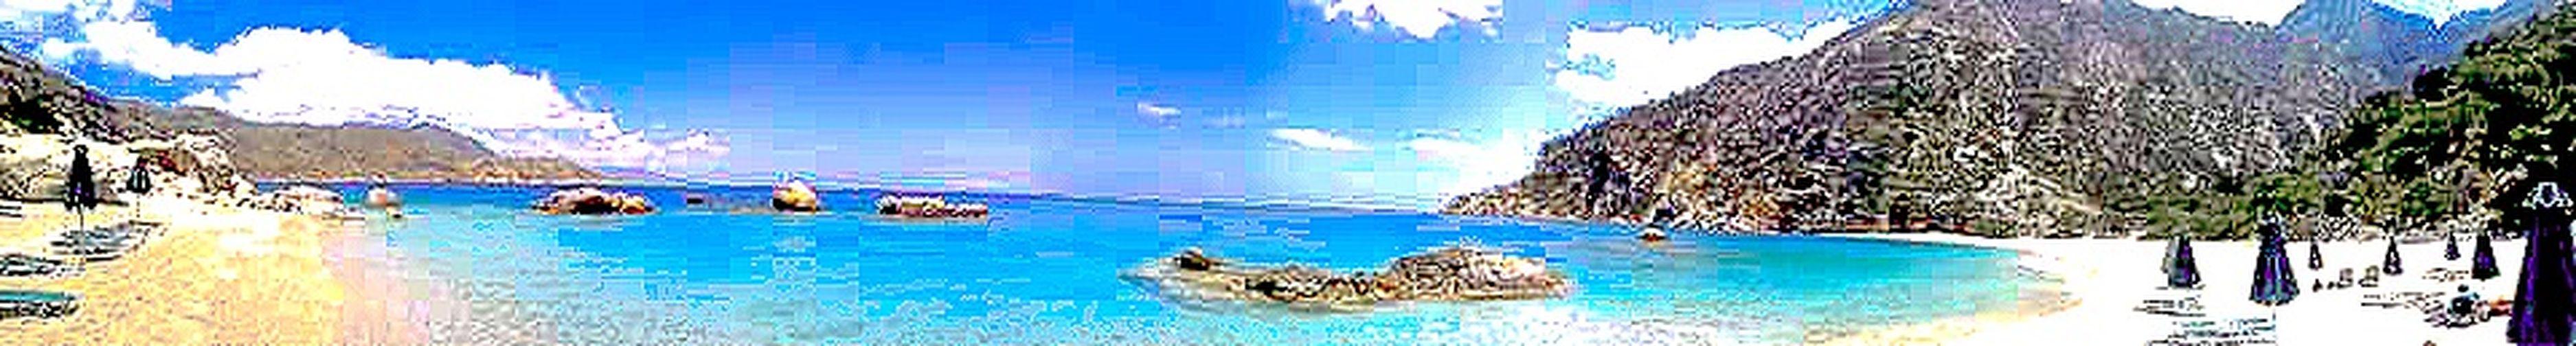 Panoramas Sea